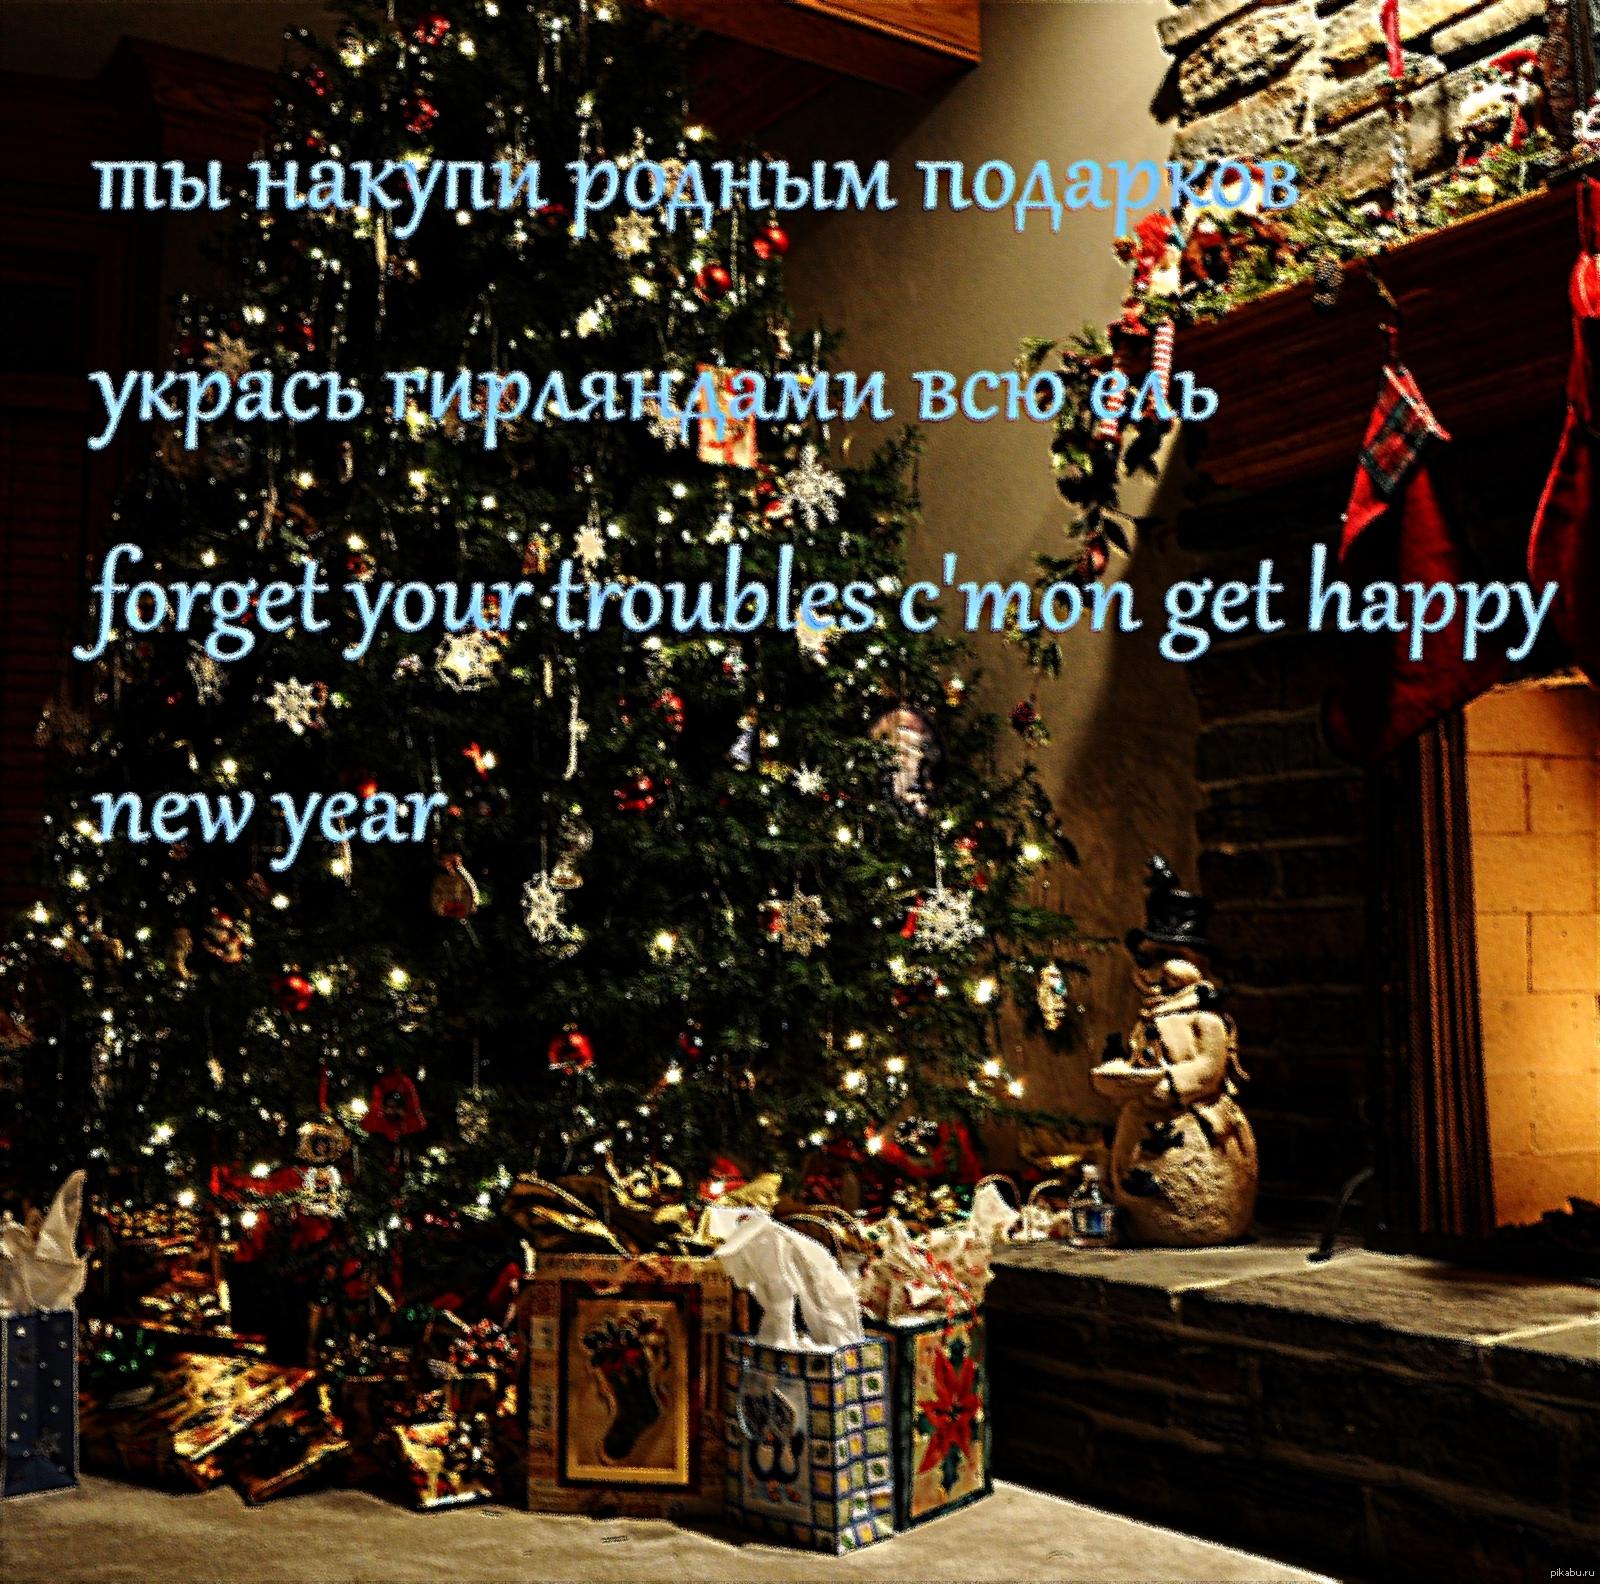 Прикольные стишки про новый год